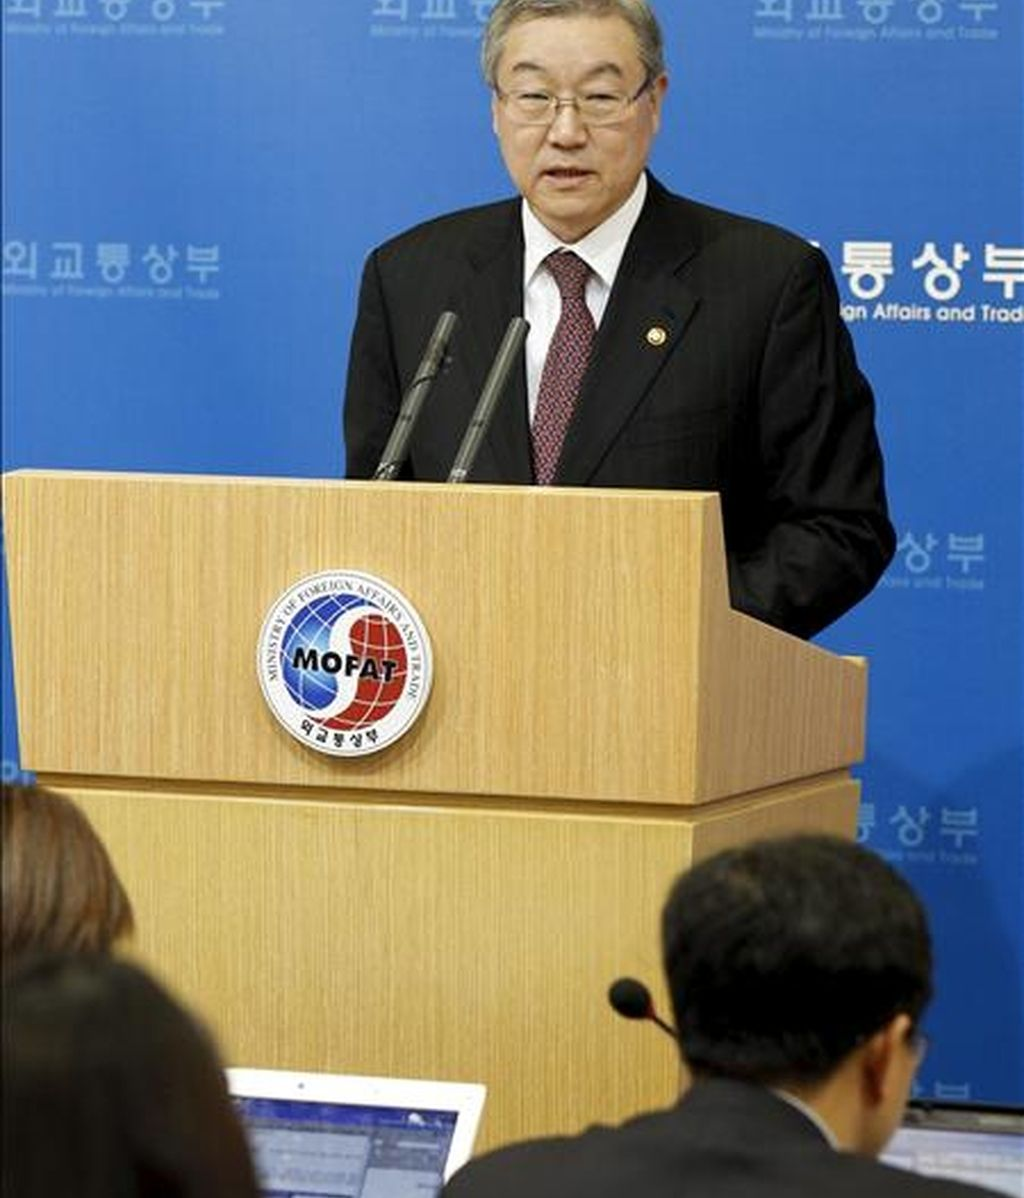 El ministro del Exterior surcoreano, Kim Sung-hwan, convoca una rueda de prensa para informar de las conversaciones entre los seis partidos en materia nuclear, en Seúl (Corea del Sur), hoy, martes, 14 de diciembre de 2010. EFE